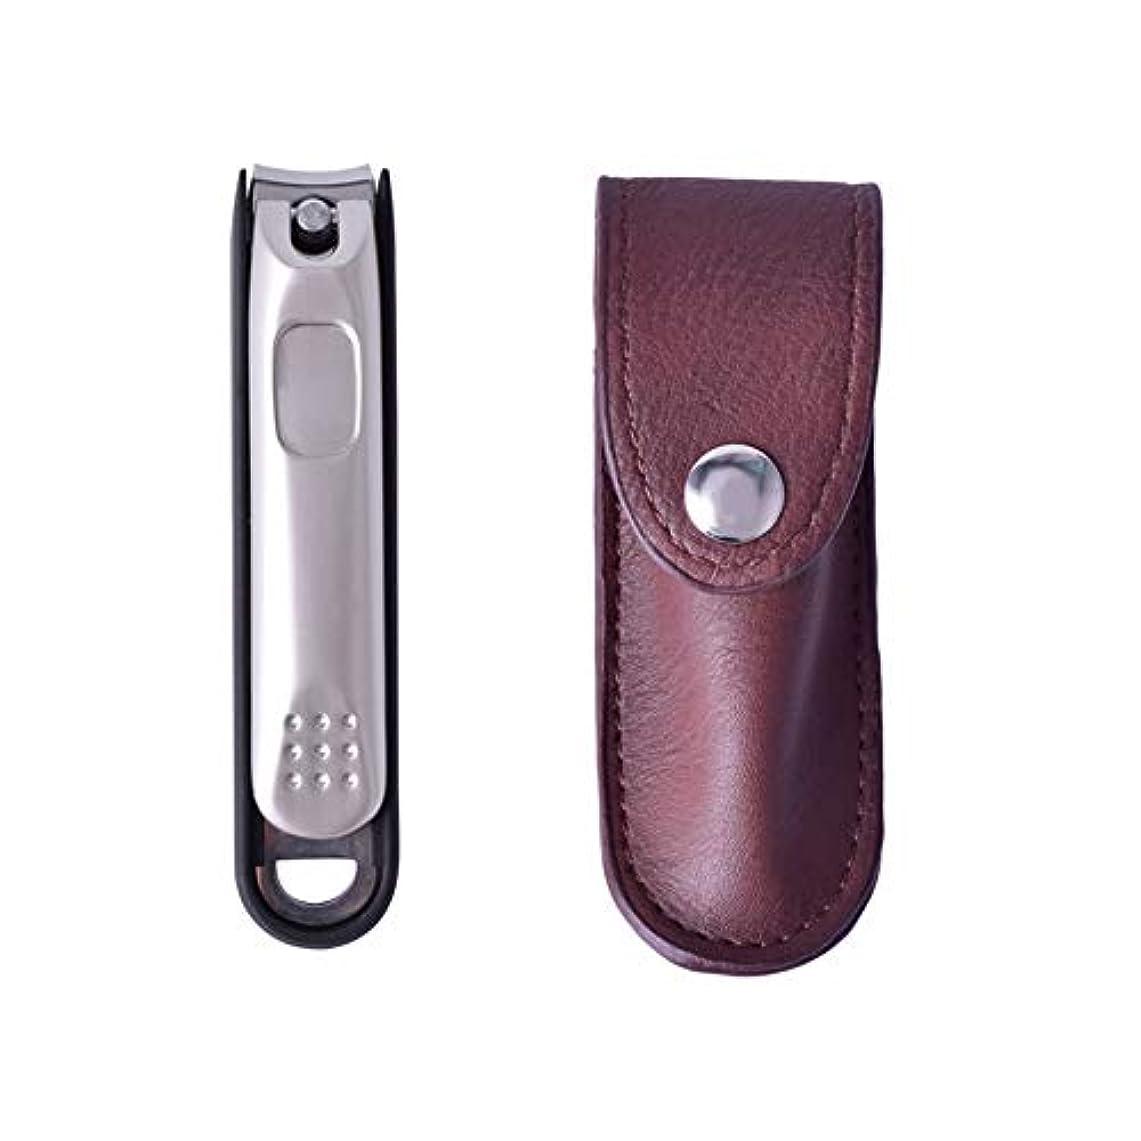 委託受け皿複数LITI 爪切り 飛び散り防止 ステンレス製 手足はがね 切れ味が良い 握りやすい コンパクト 巻き爪/硬い爪/甘皮に最適 男女兼用